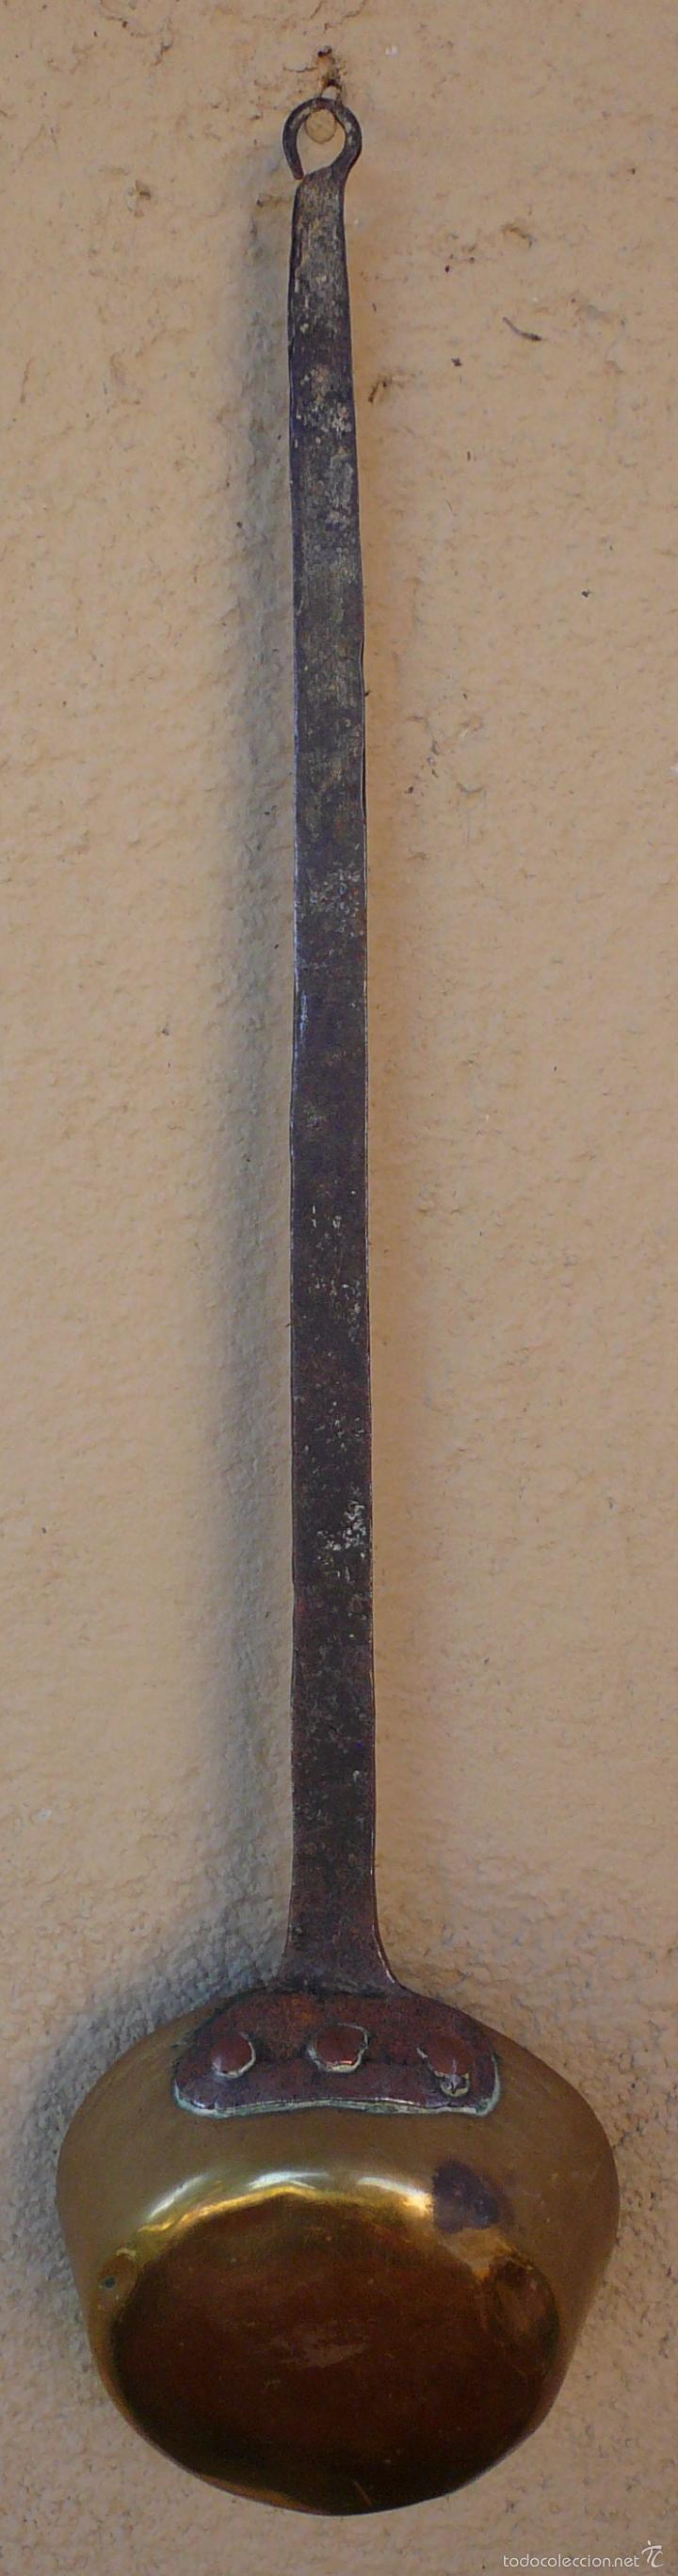 CAZO DE COBRE CON MANGO FORJADO EN HIERRO. LARGO 48,5 CMS DIAM 11,5 CMS PROFUND 5 CMS (Antigüedades - Técnicas - Rústicas - Utensilios del Hogar)